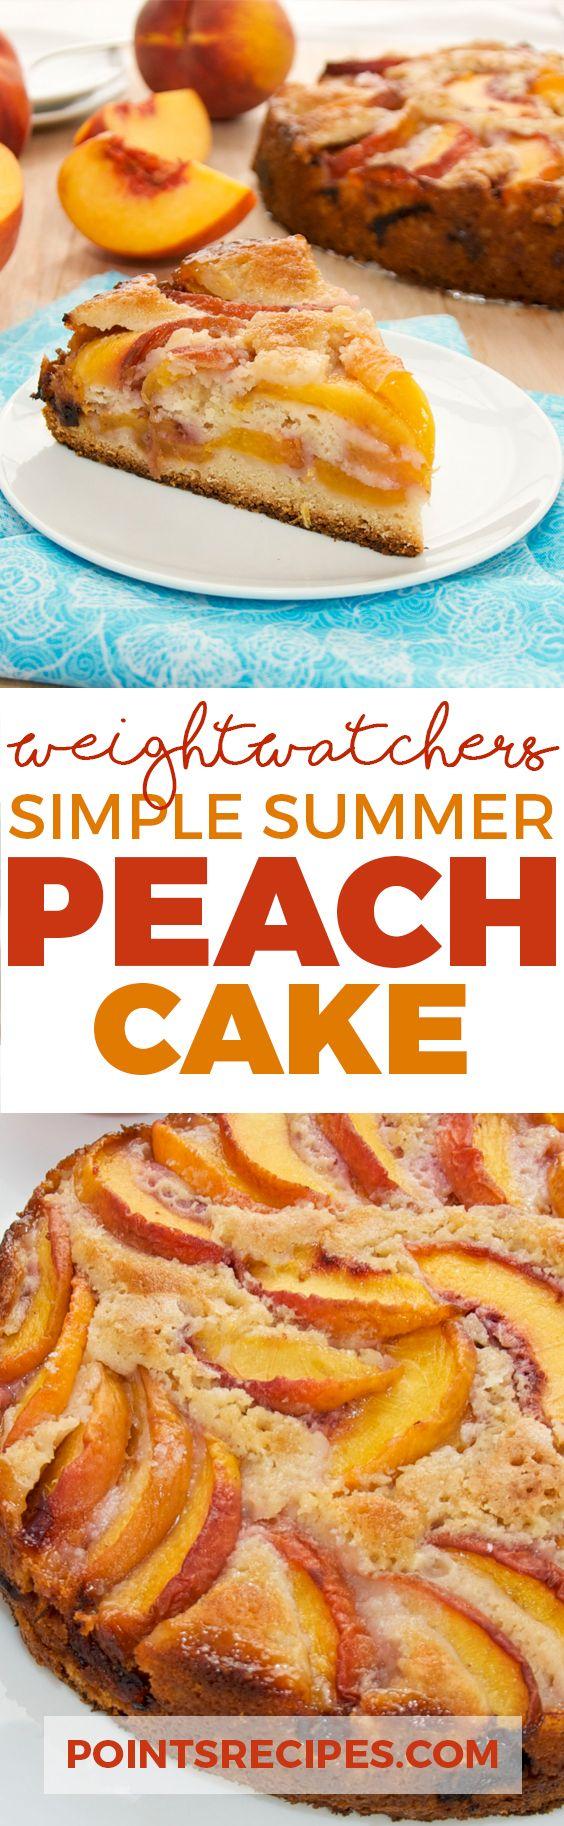 SIMPLE SUMMER PEACH CAKE (Weight Watchers Smartpoints)